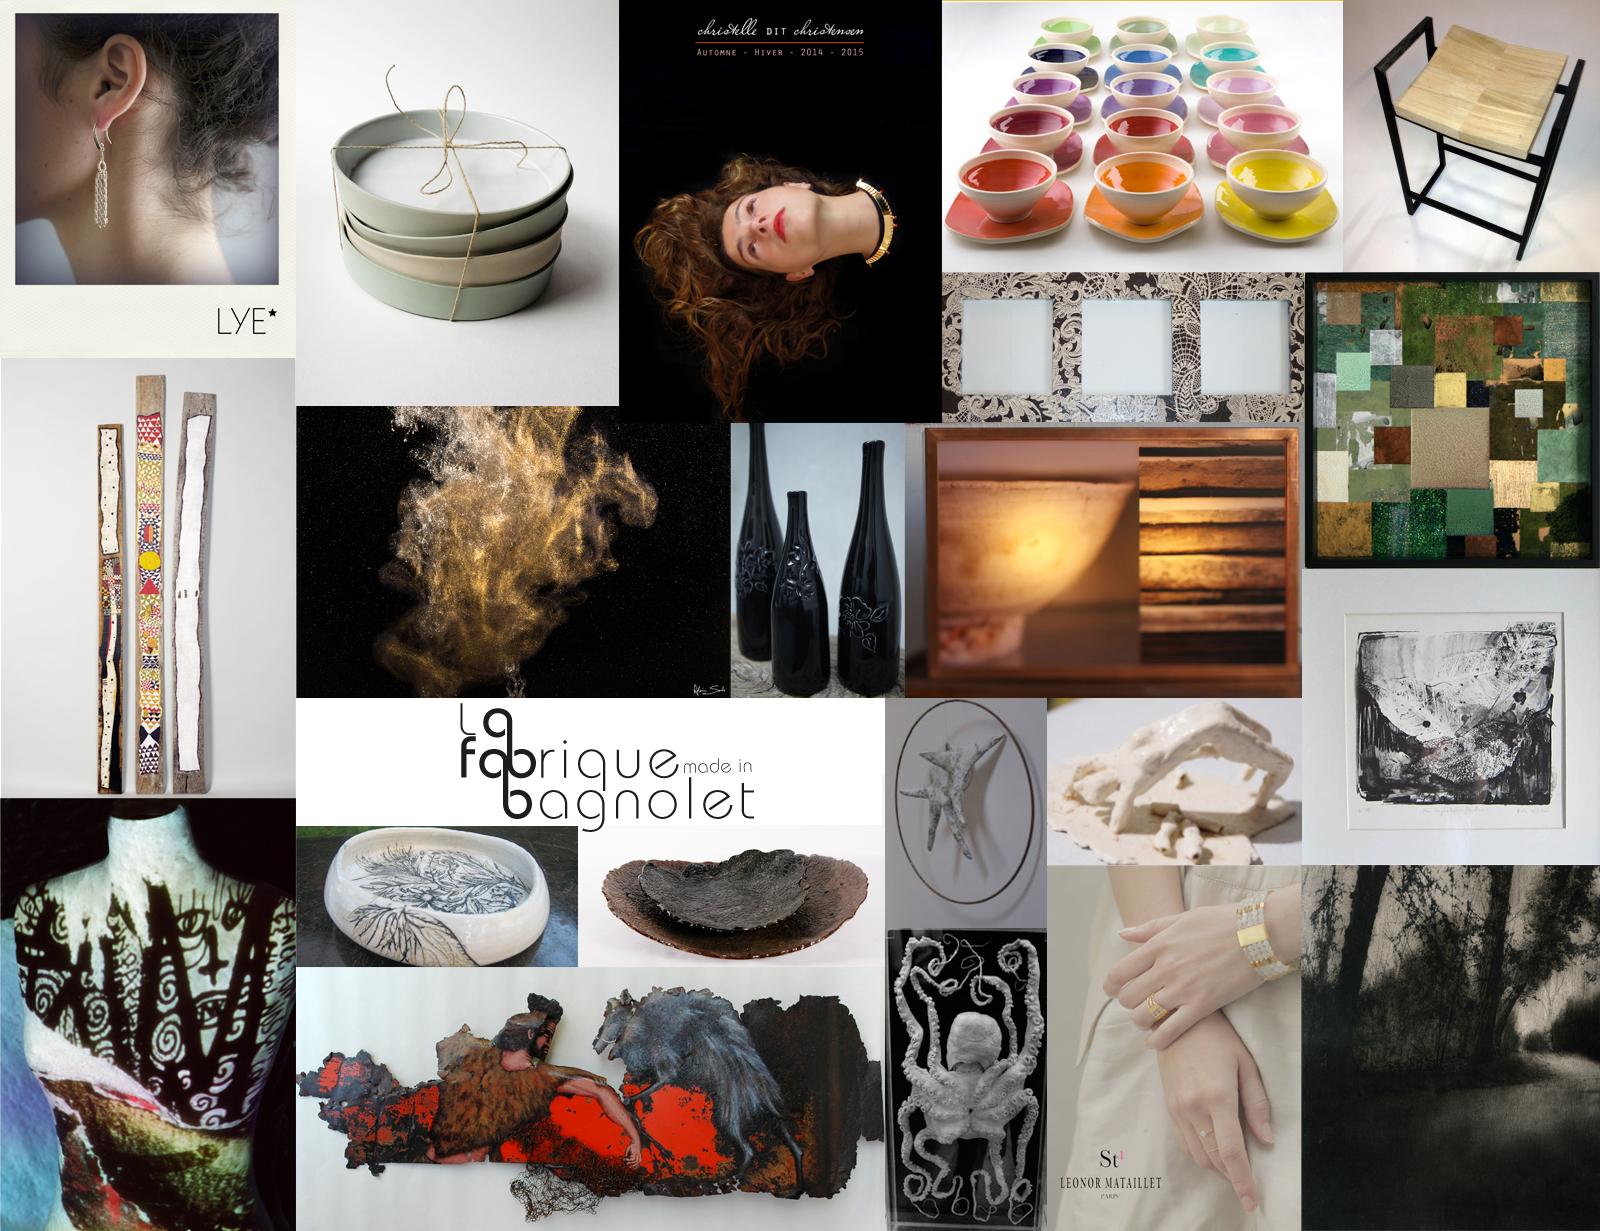 Journées Européennes des Métiers d'Art 2016 et les artisans d'art de La Fabrique made in Bagnolet